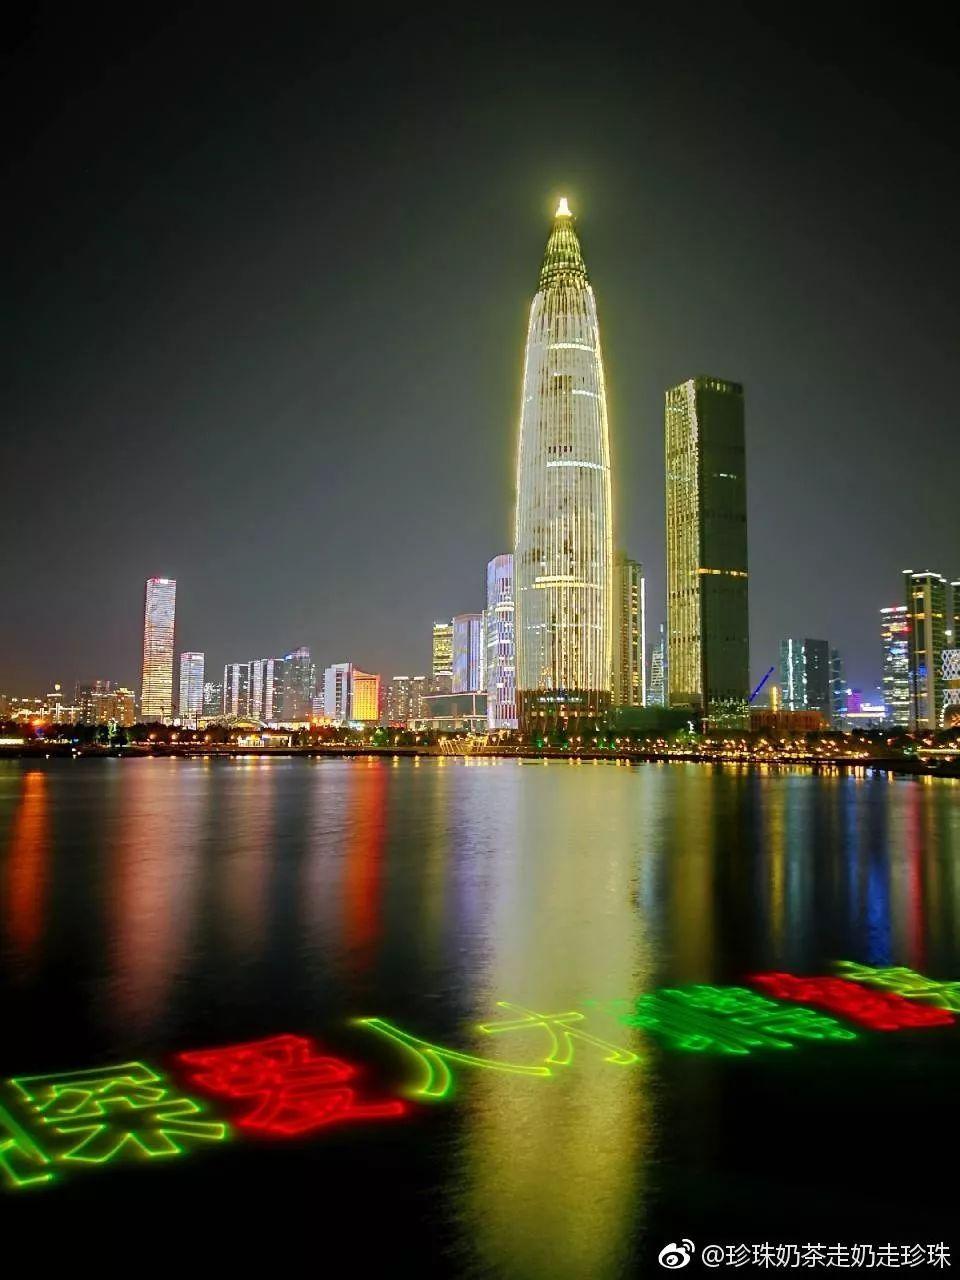 每一张都美成手机壁纸!深圳南山灯光秀正式上演